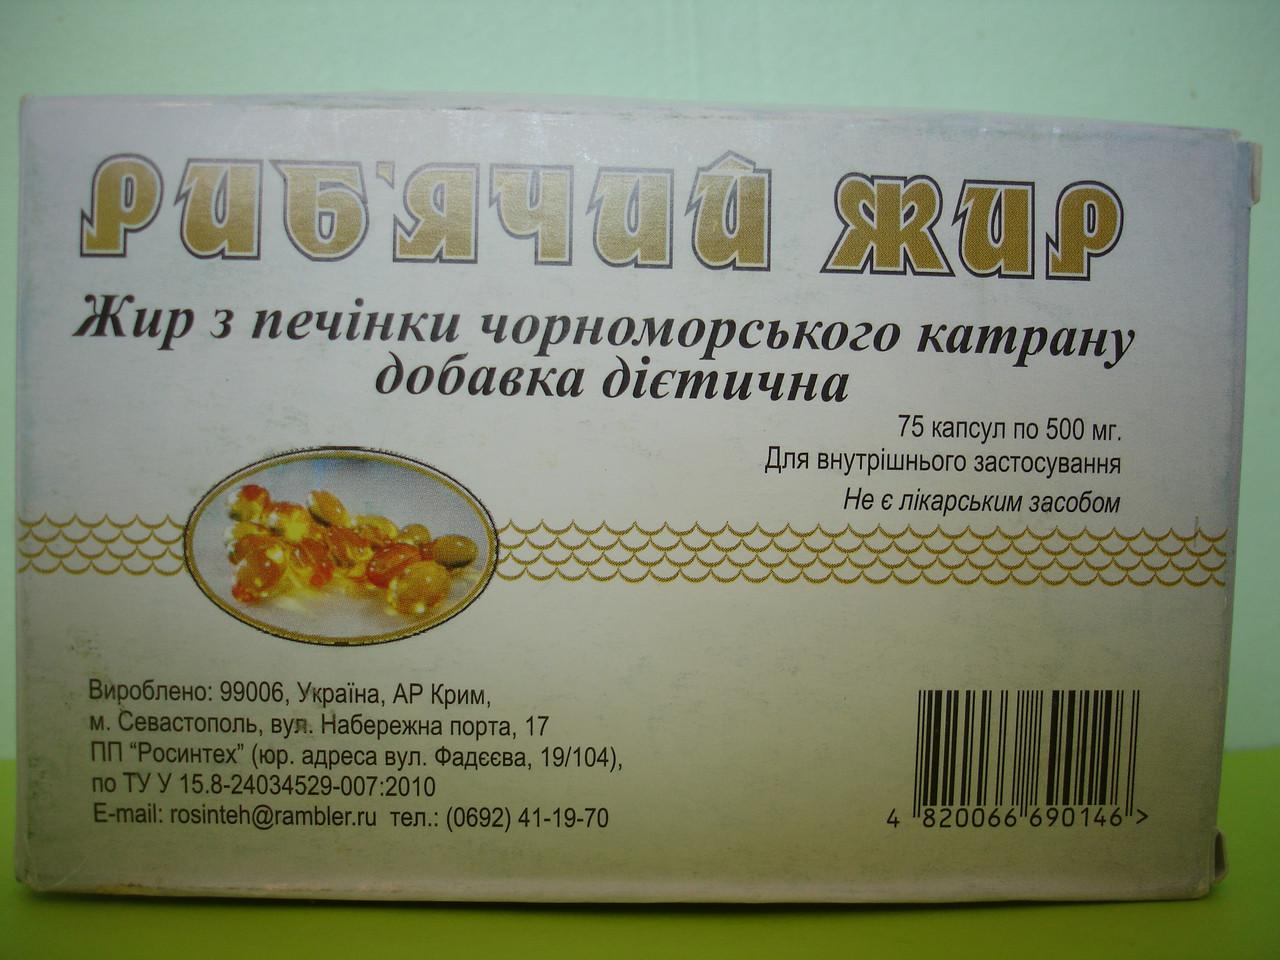 Рыбий жир в капсулах и простатит лекарство от хронического простатита отзывы